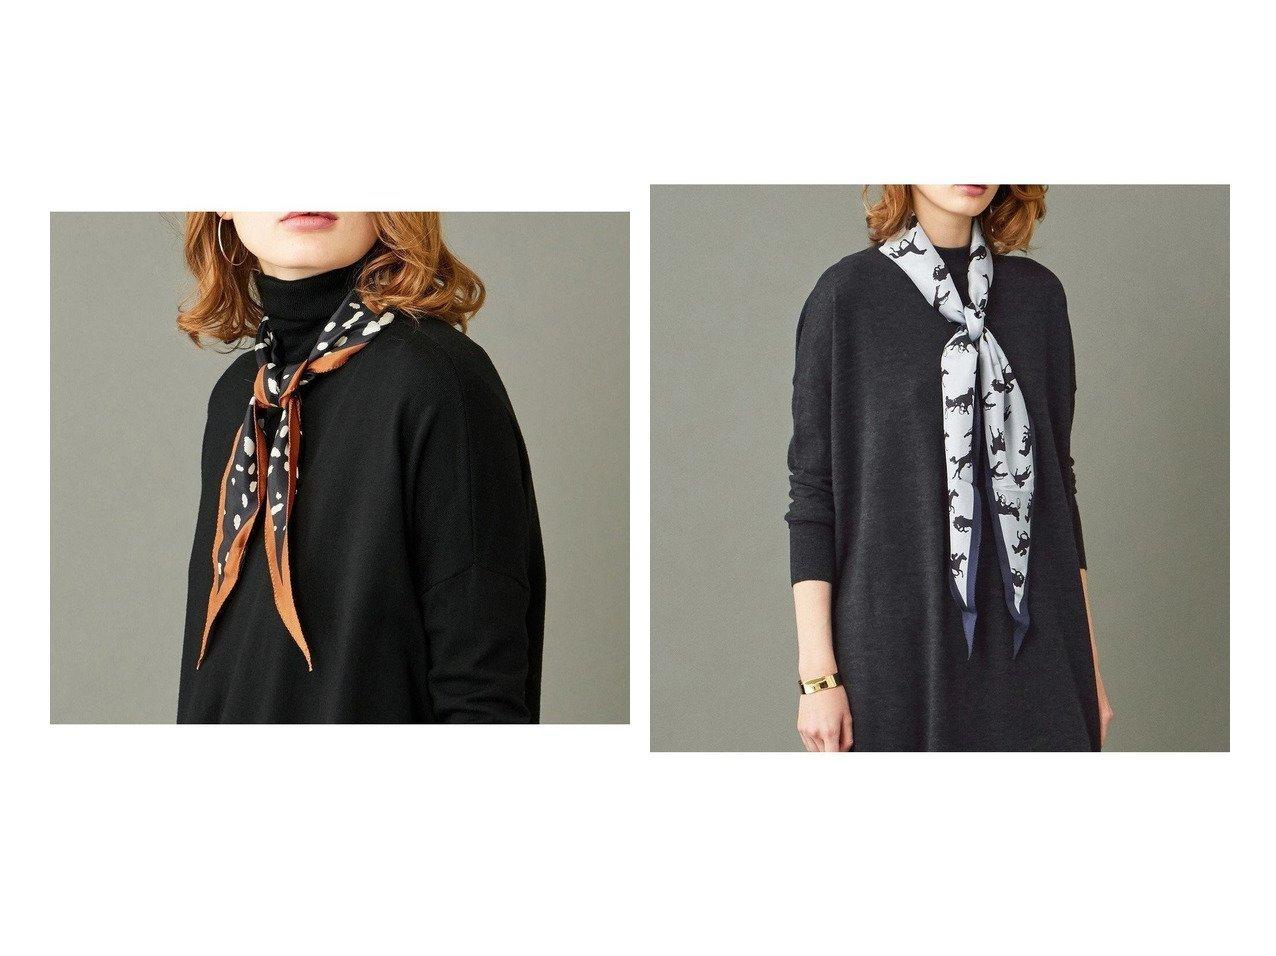 【BEIGE,/ベイジ,】のDIAMANTEスカーフ(HORSE)&DIAMANTEスカーフ(DALMATIAN) おすすめ!人気、トレンド・レディースファッションの通販 おすすめで人気の流行・トレンド、ファッションの通販商品 インテリア・家具・メンズファッション・キッズファッション・レディースファッション・服の通販 founy(ファニー) https://founy.com/ ファッション Fashion レディースファッション WOMEN アクセサリー イタリア クラシック コンパクト シルク シンプル スカーフ ハイネック ハンド バンダナ ファブリック プリント ミラノ モチーフ 送料無料 Free Shipping |ID:crp329100000065027